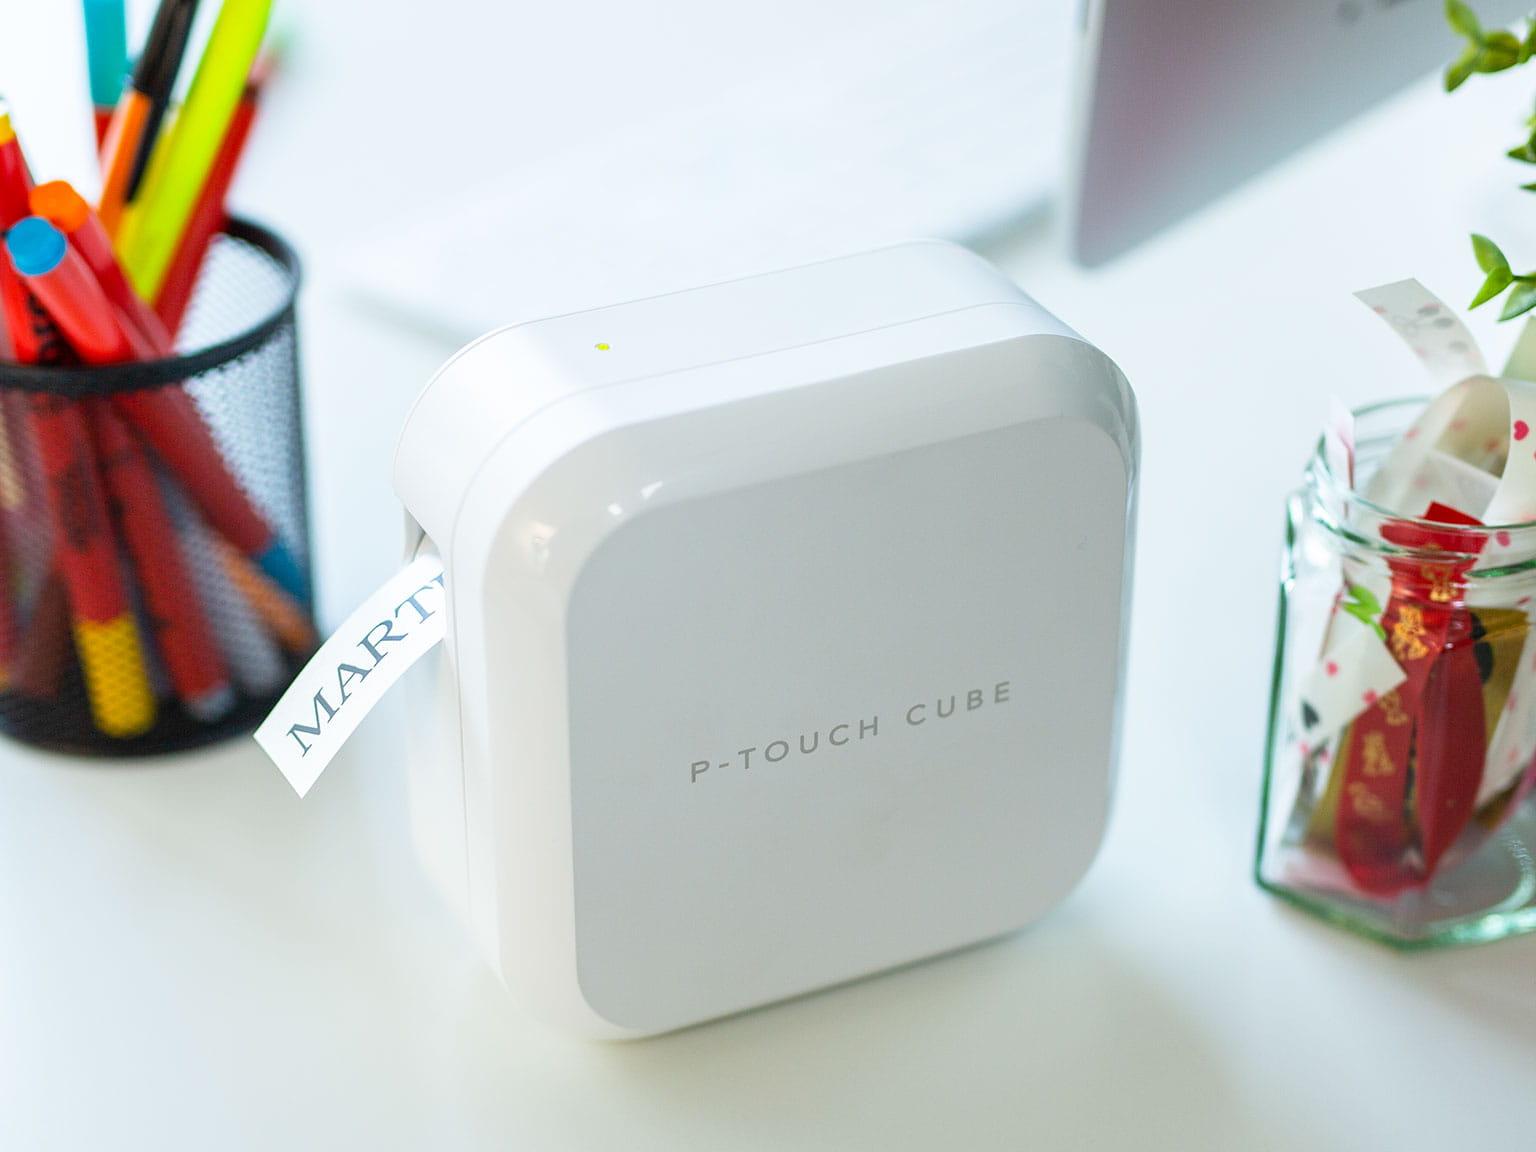 cube-plus